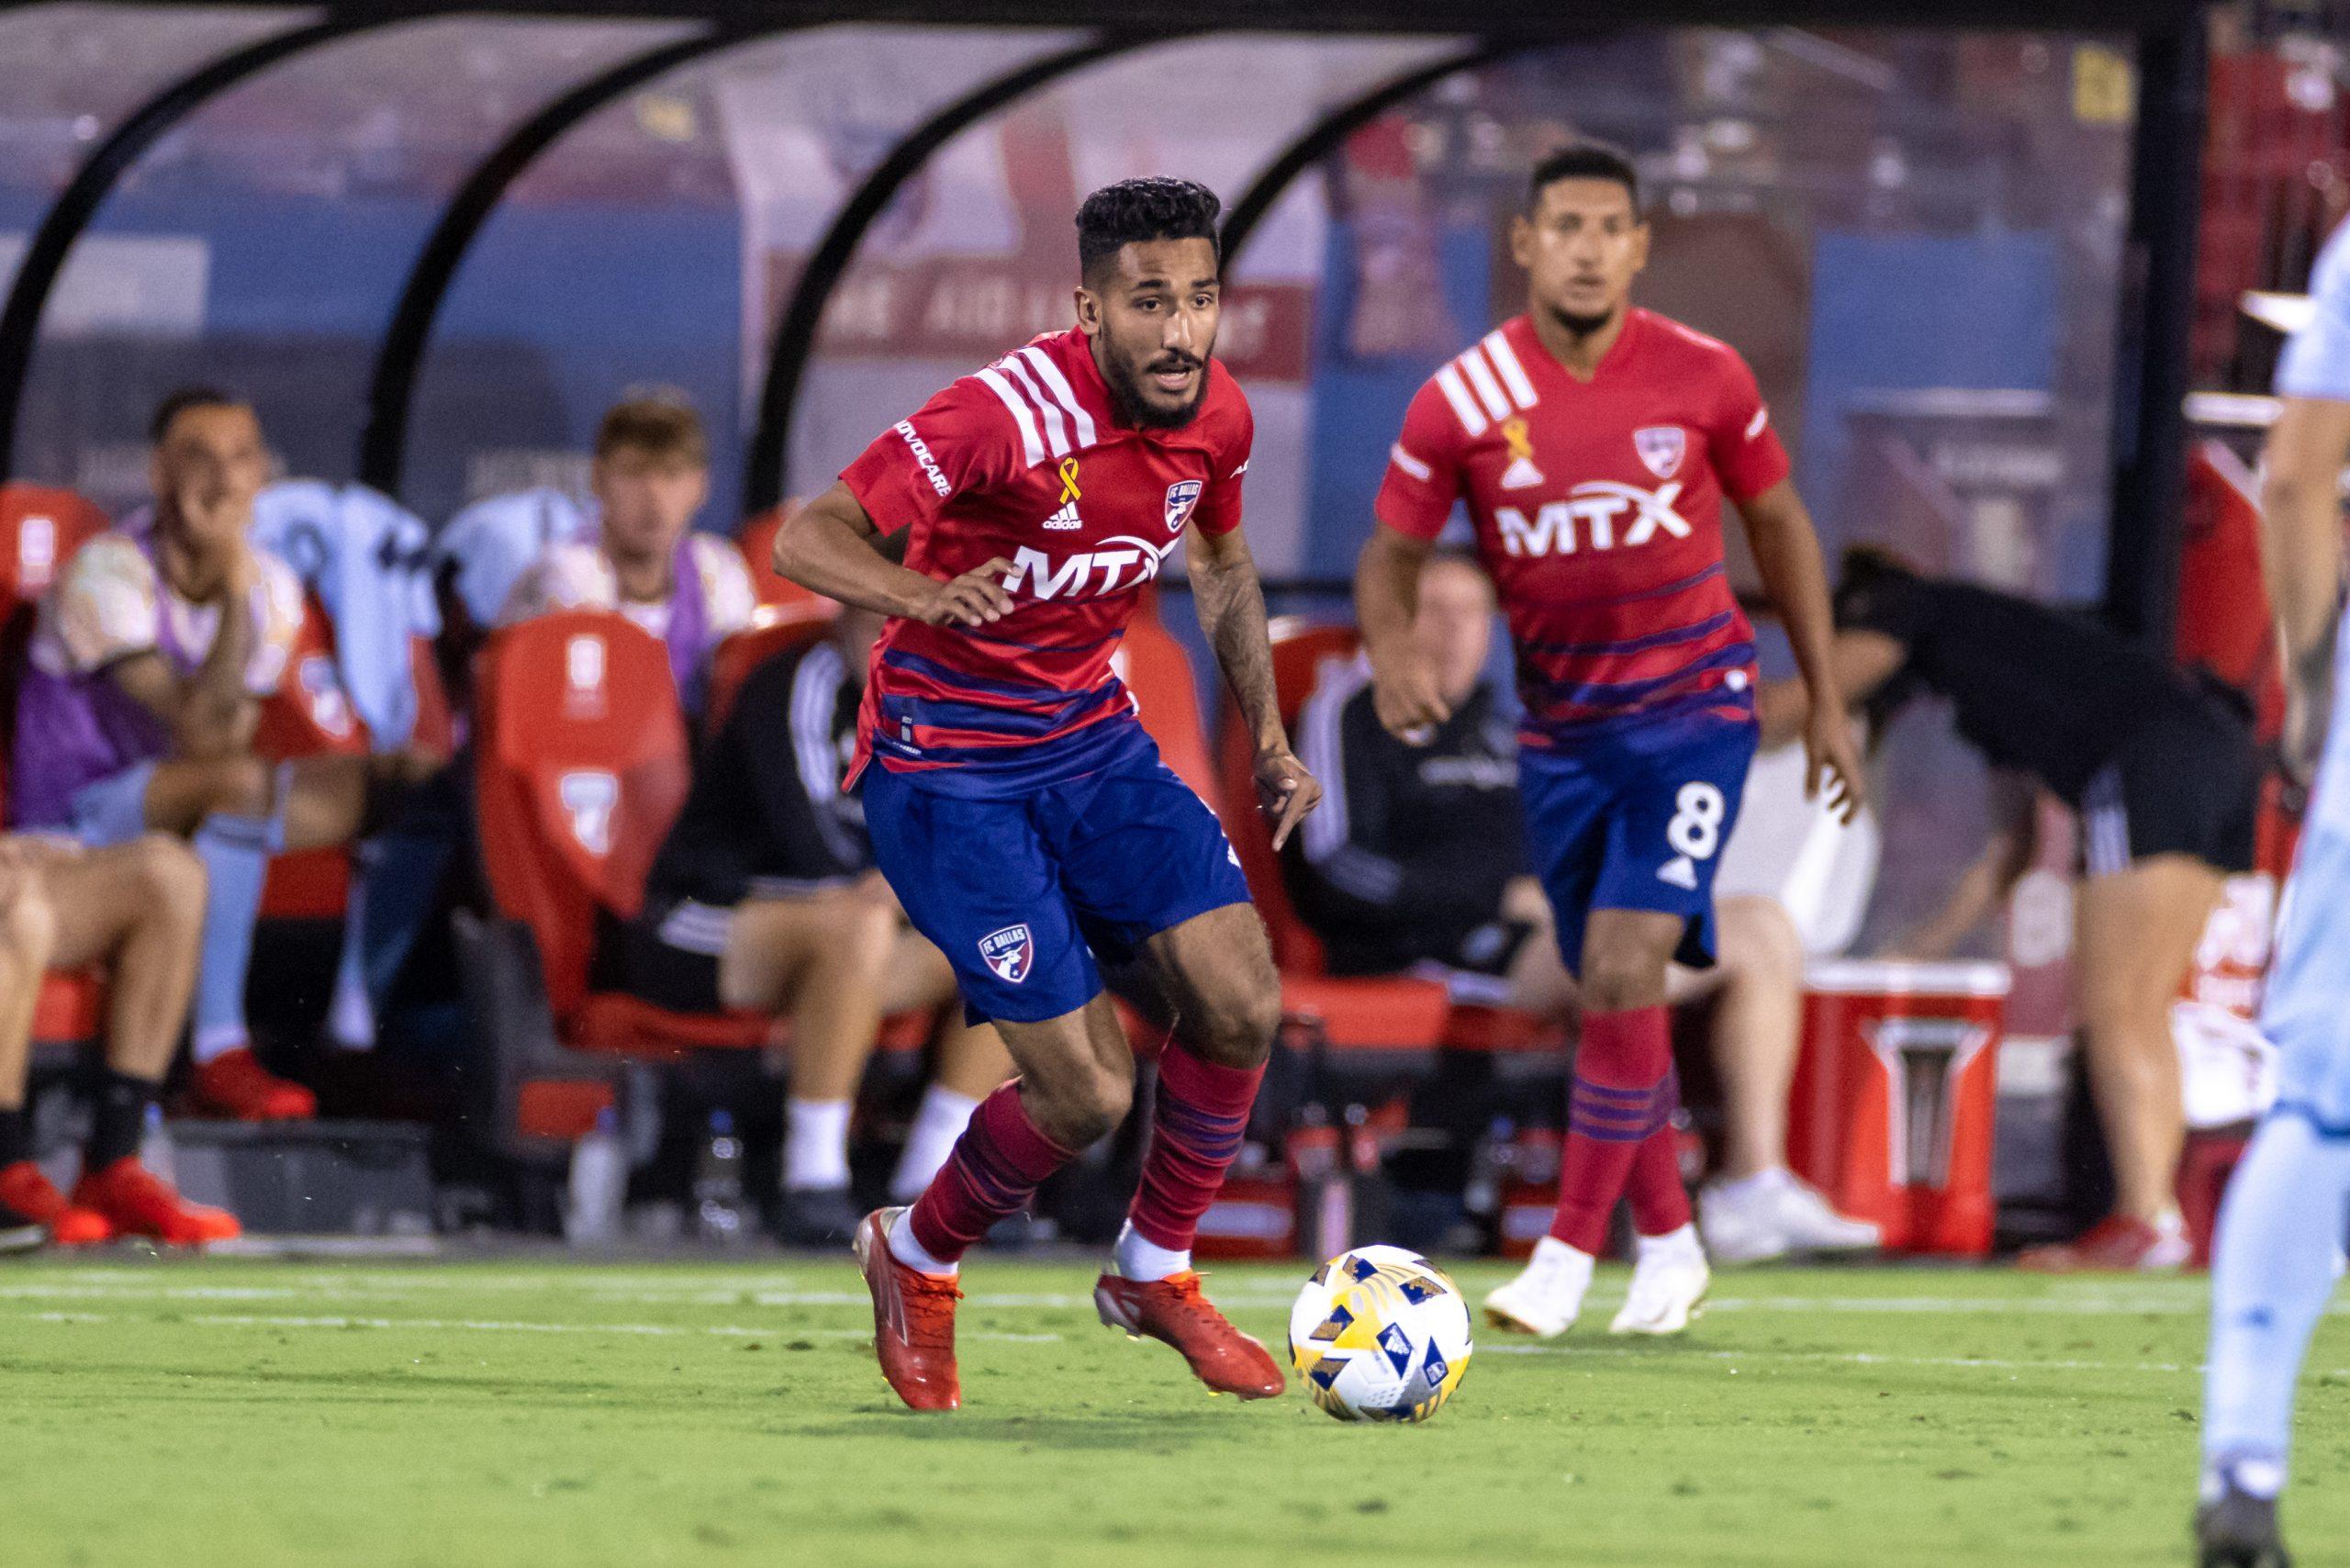 Ferreira FCD v SKC 9-29-21 328